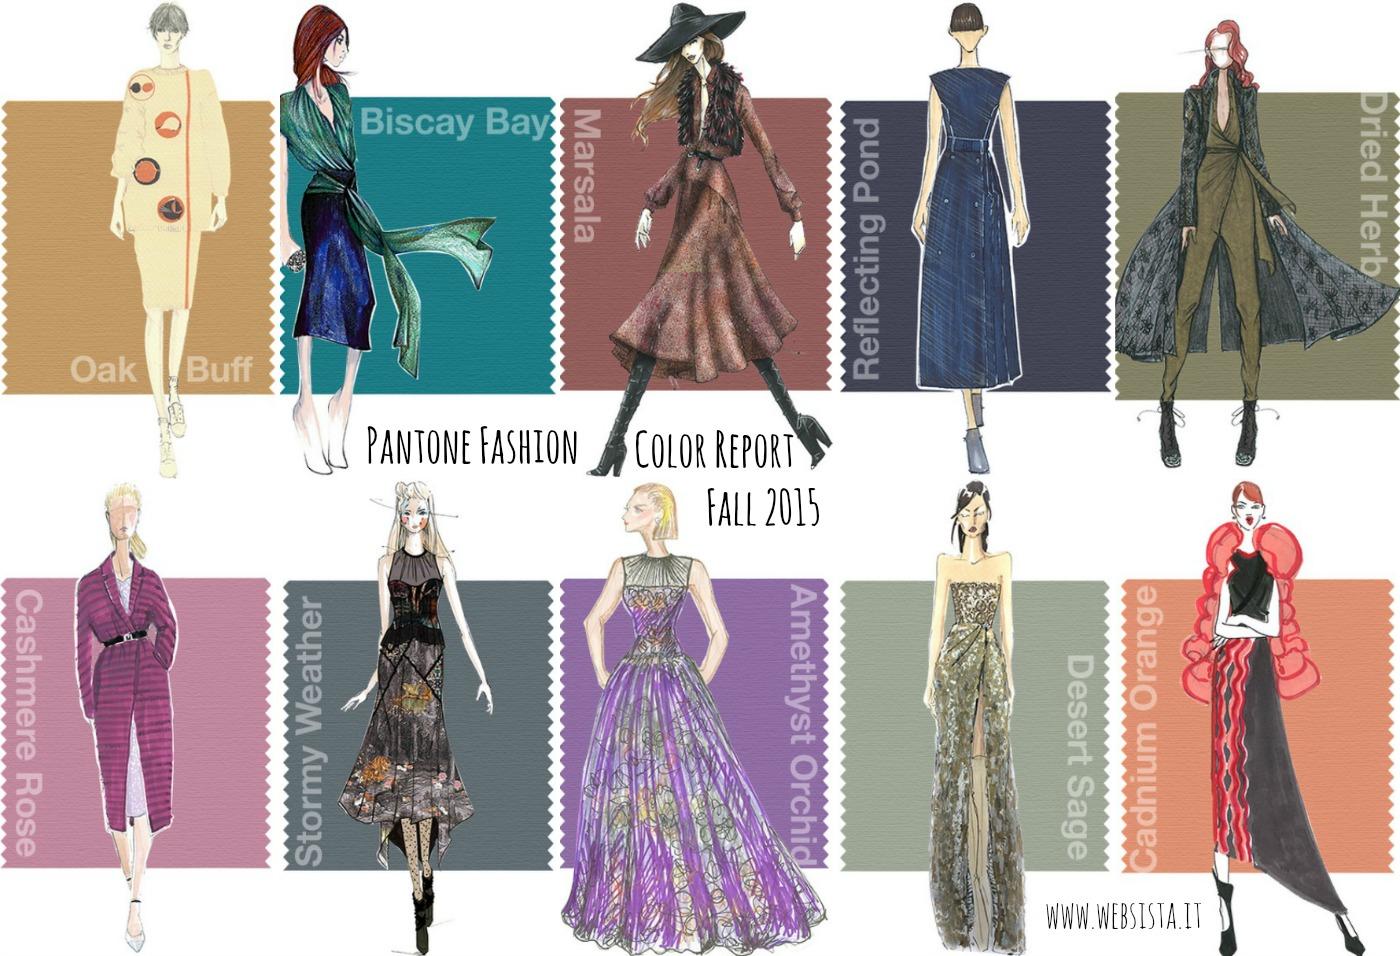 colori-moda-autunno-inverno-2015